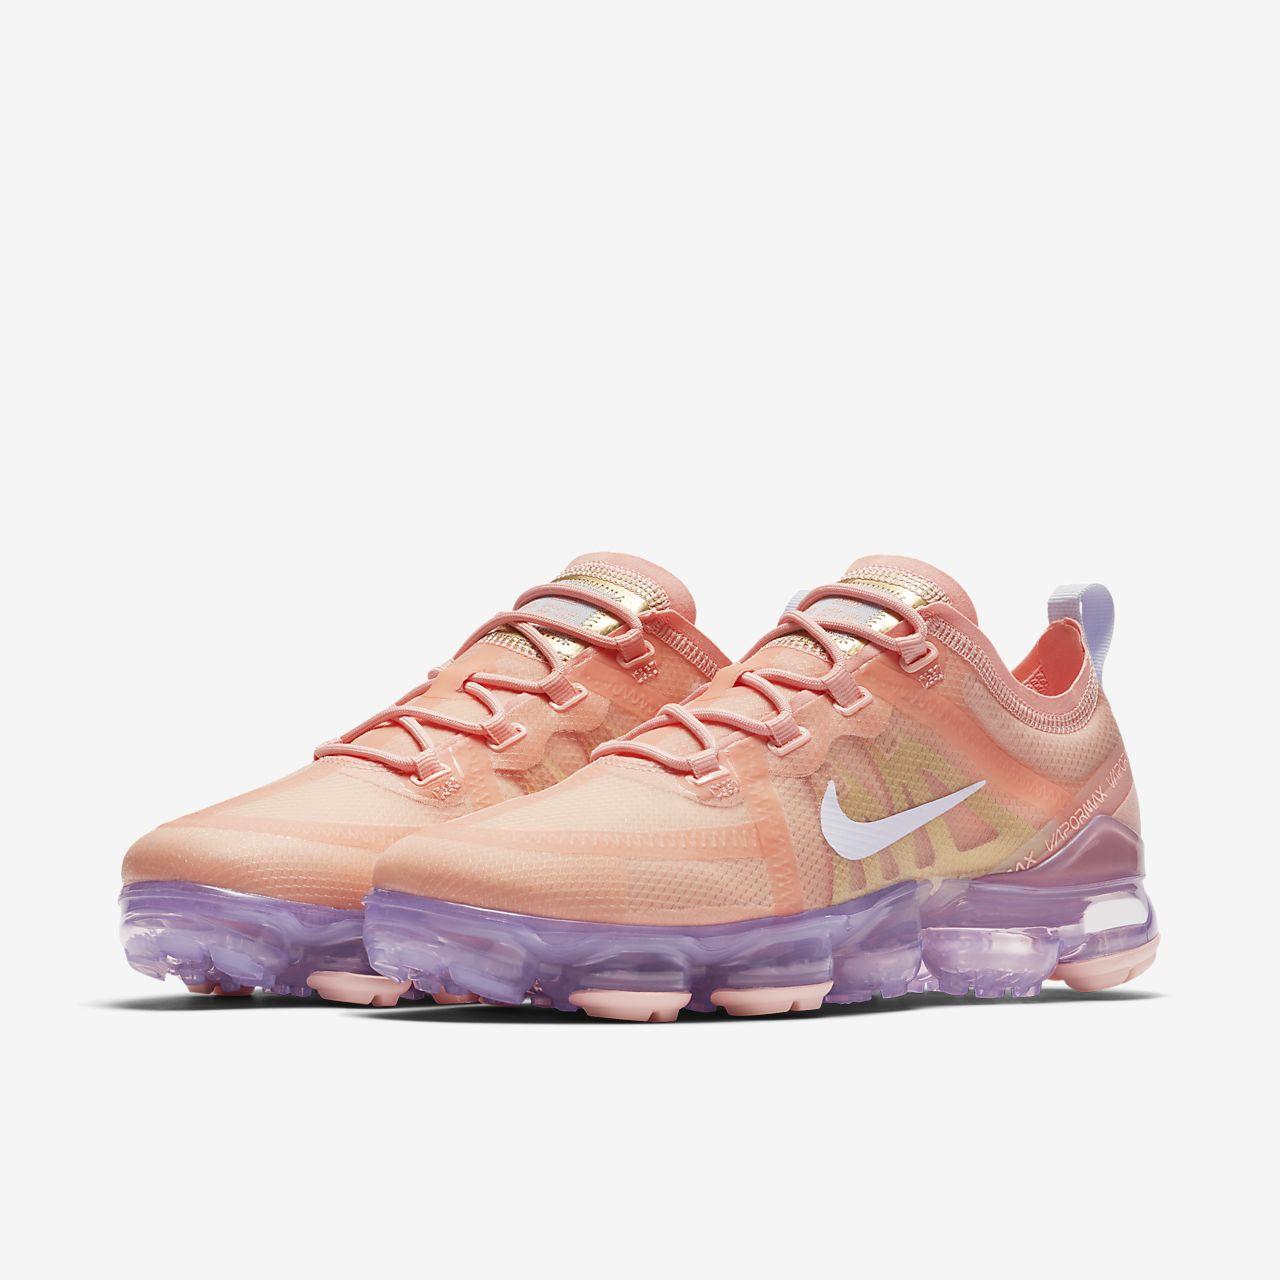 Damen Nike Nike Wmns Air Vapormax Flyknit Sneaker Grau